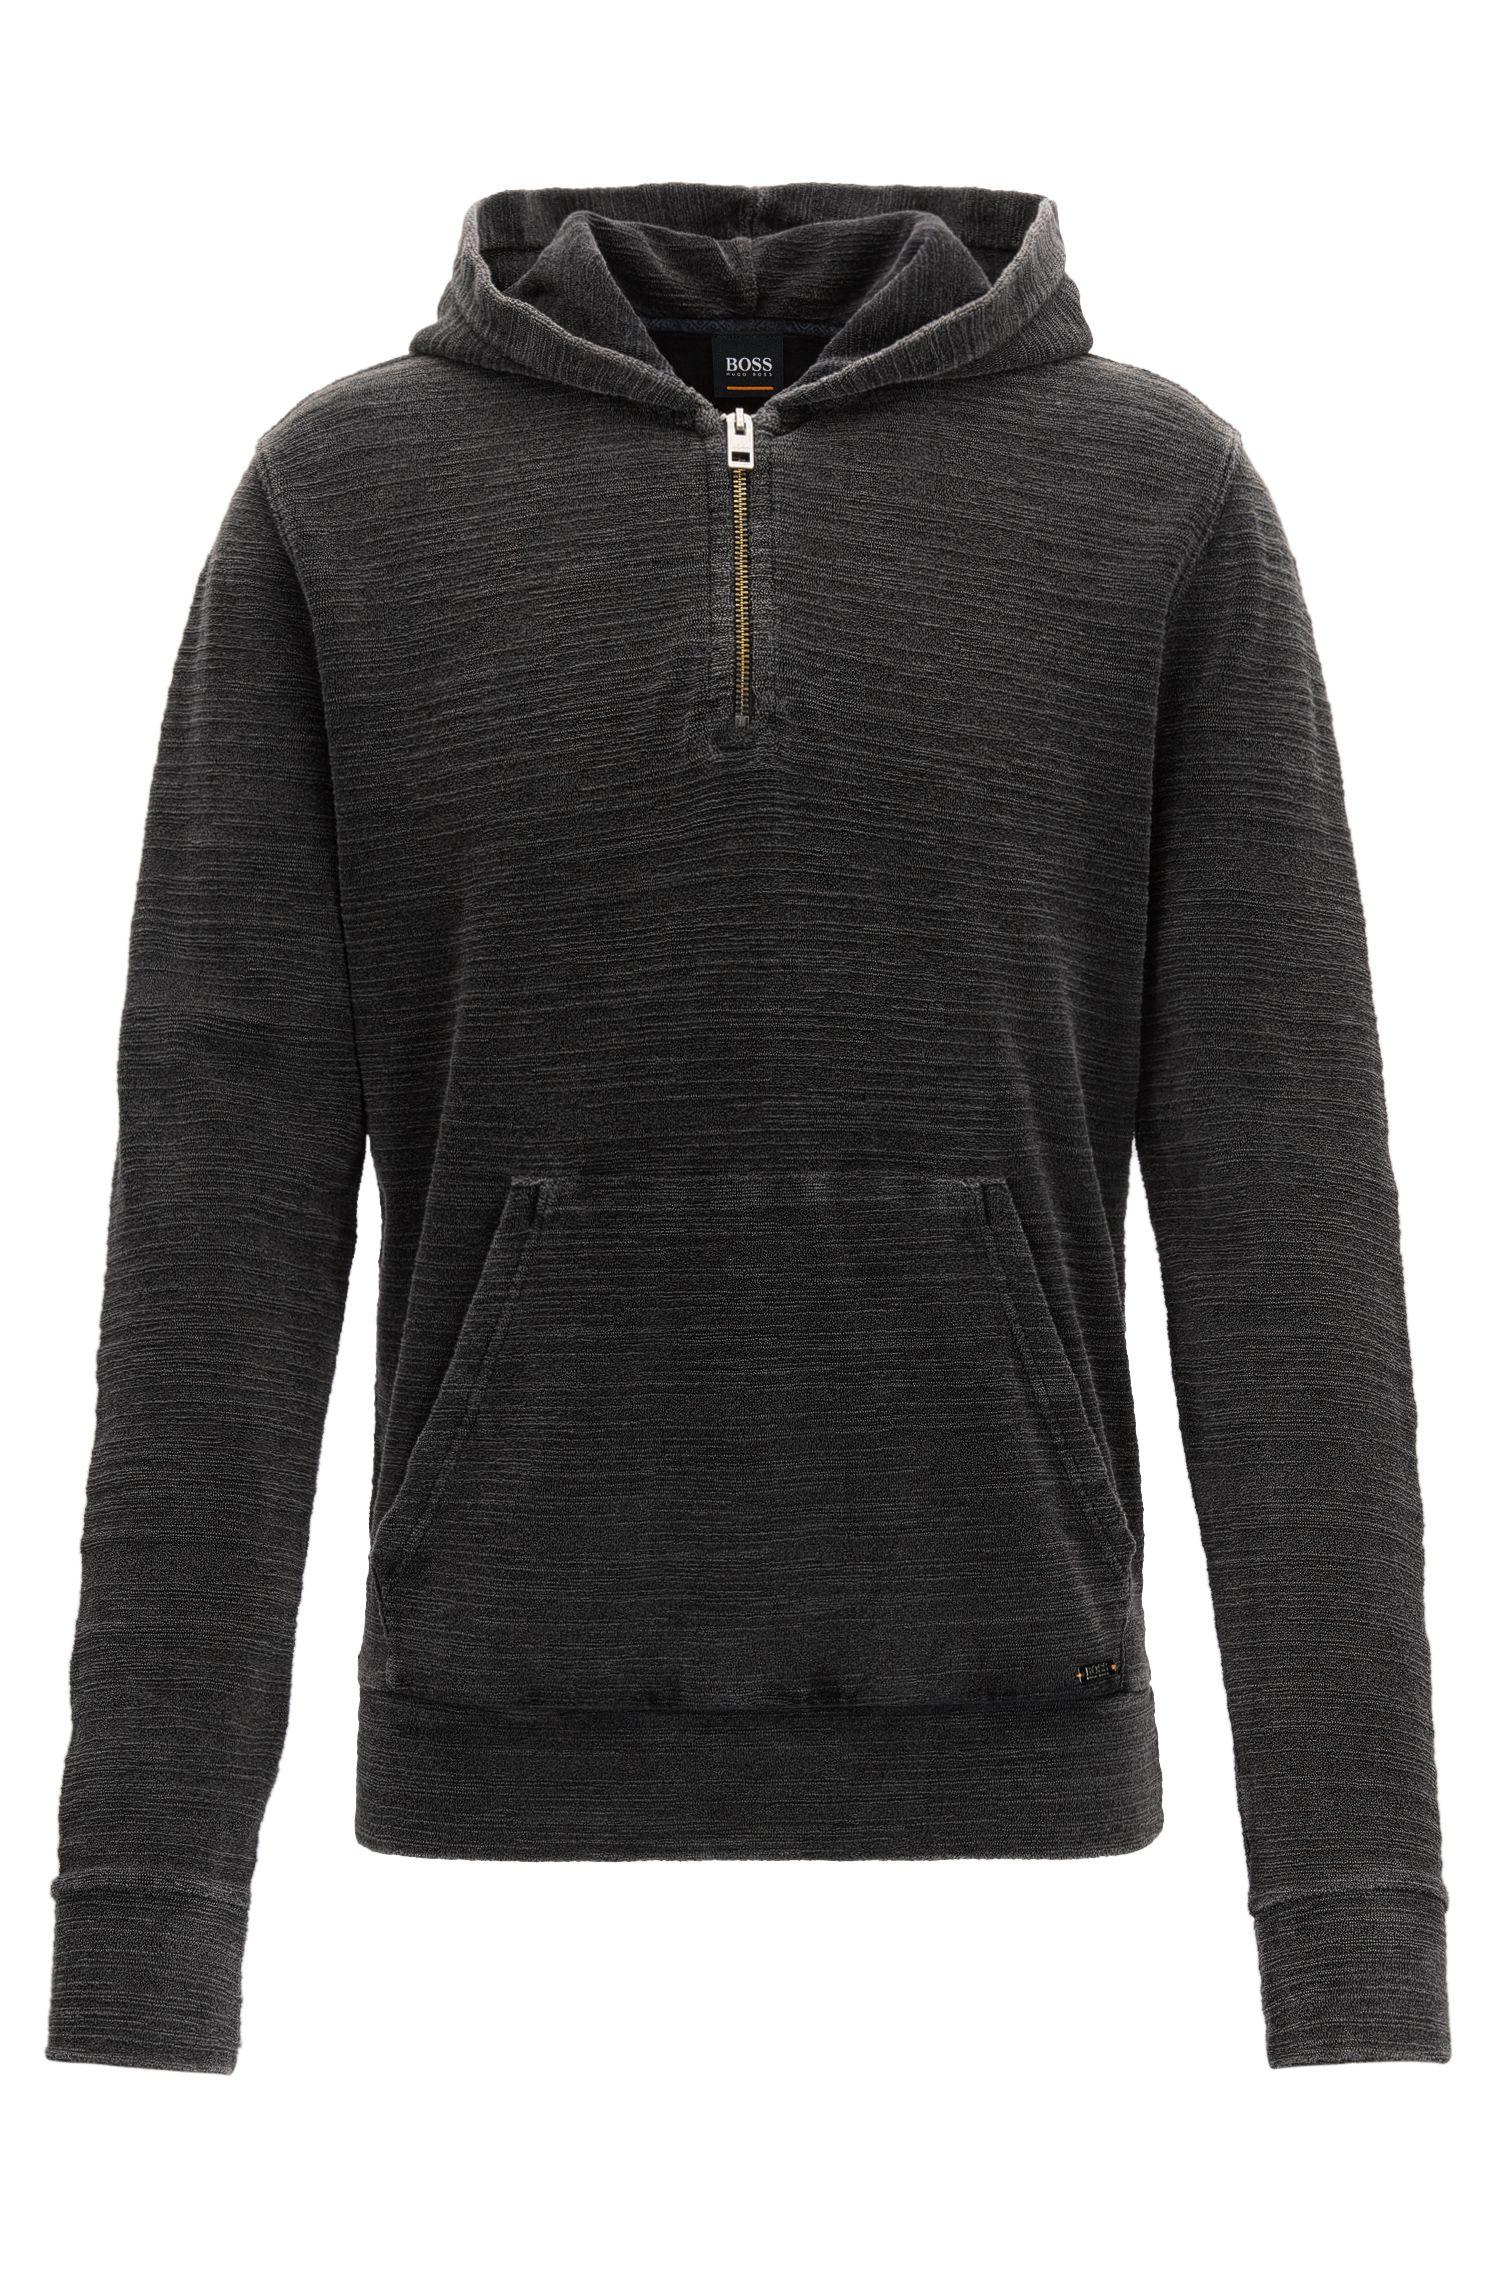 Yarn-Dyed Hoodie | Zleek , Black